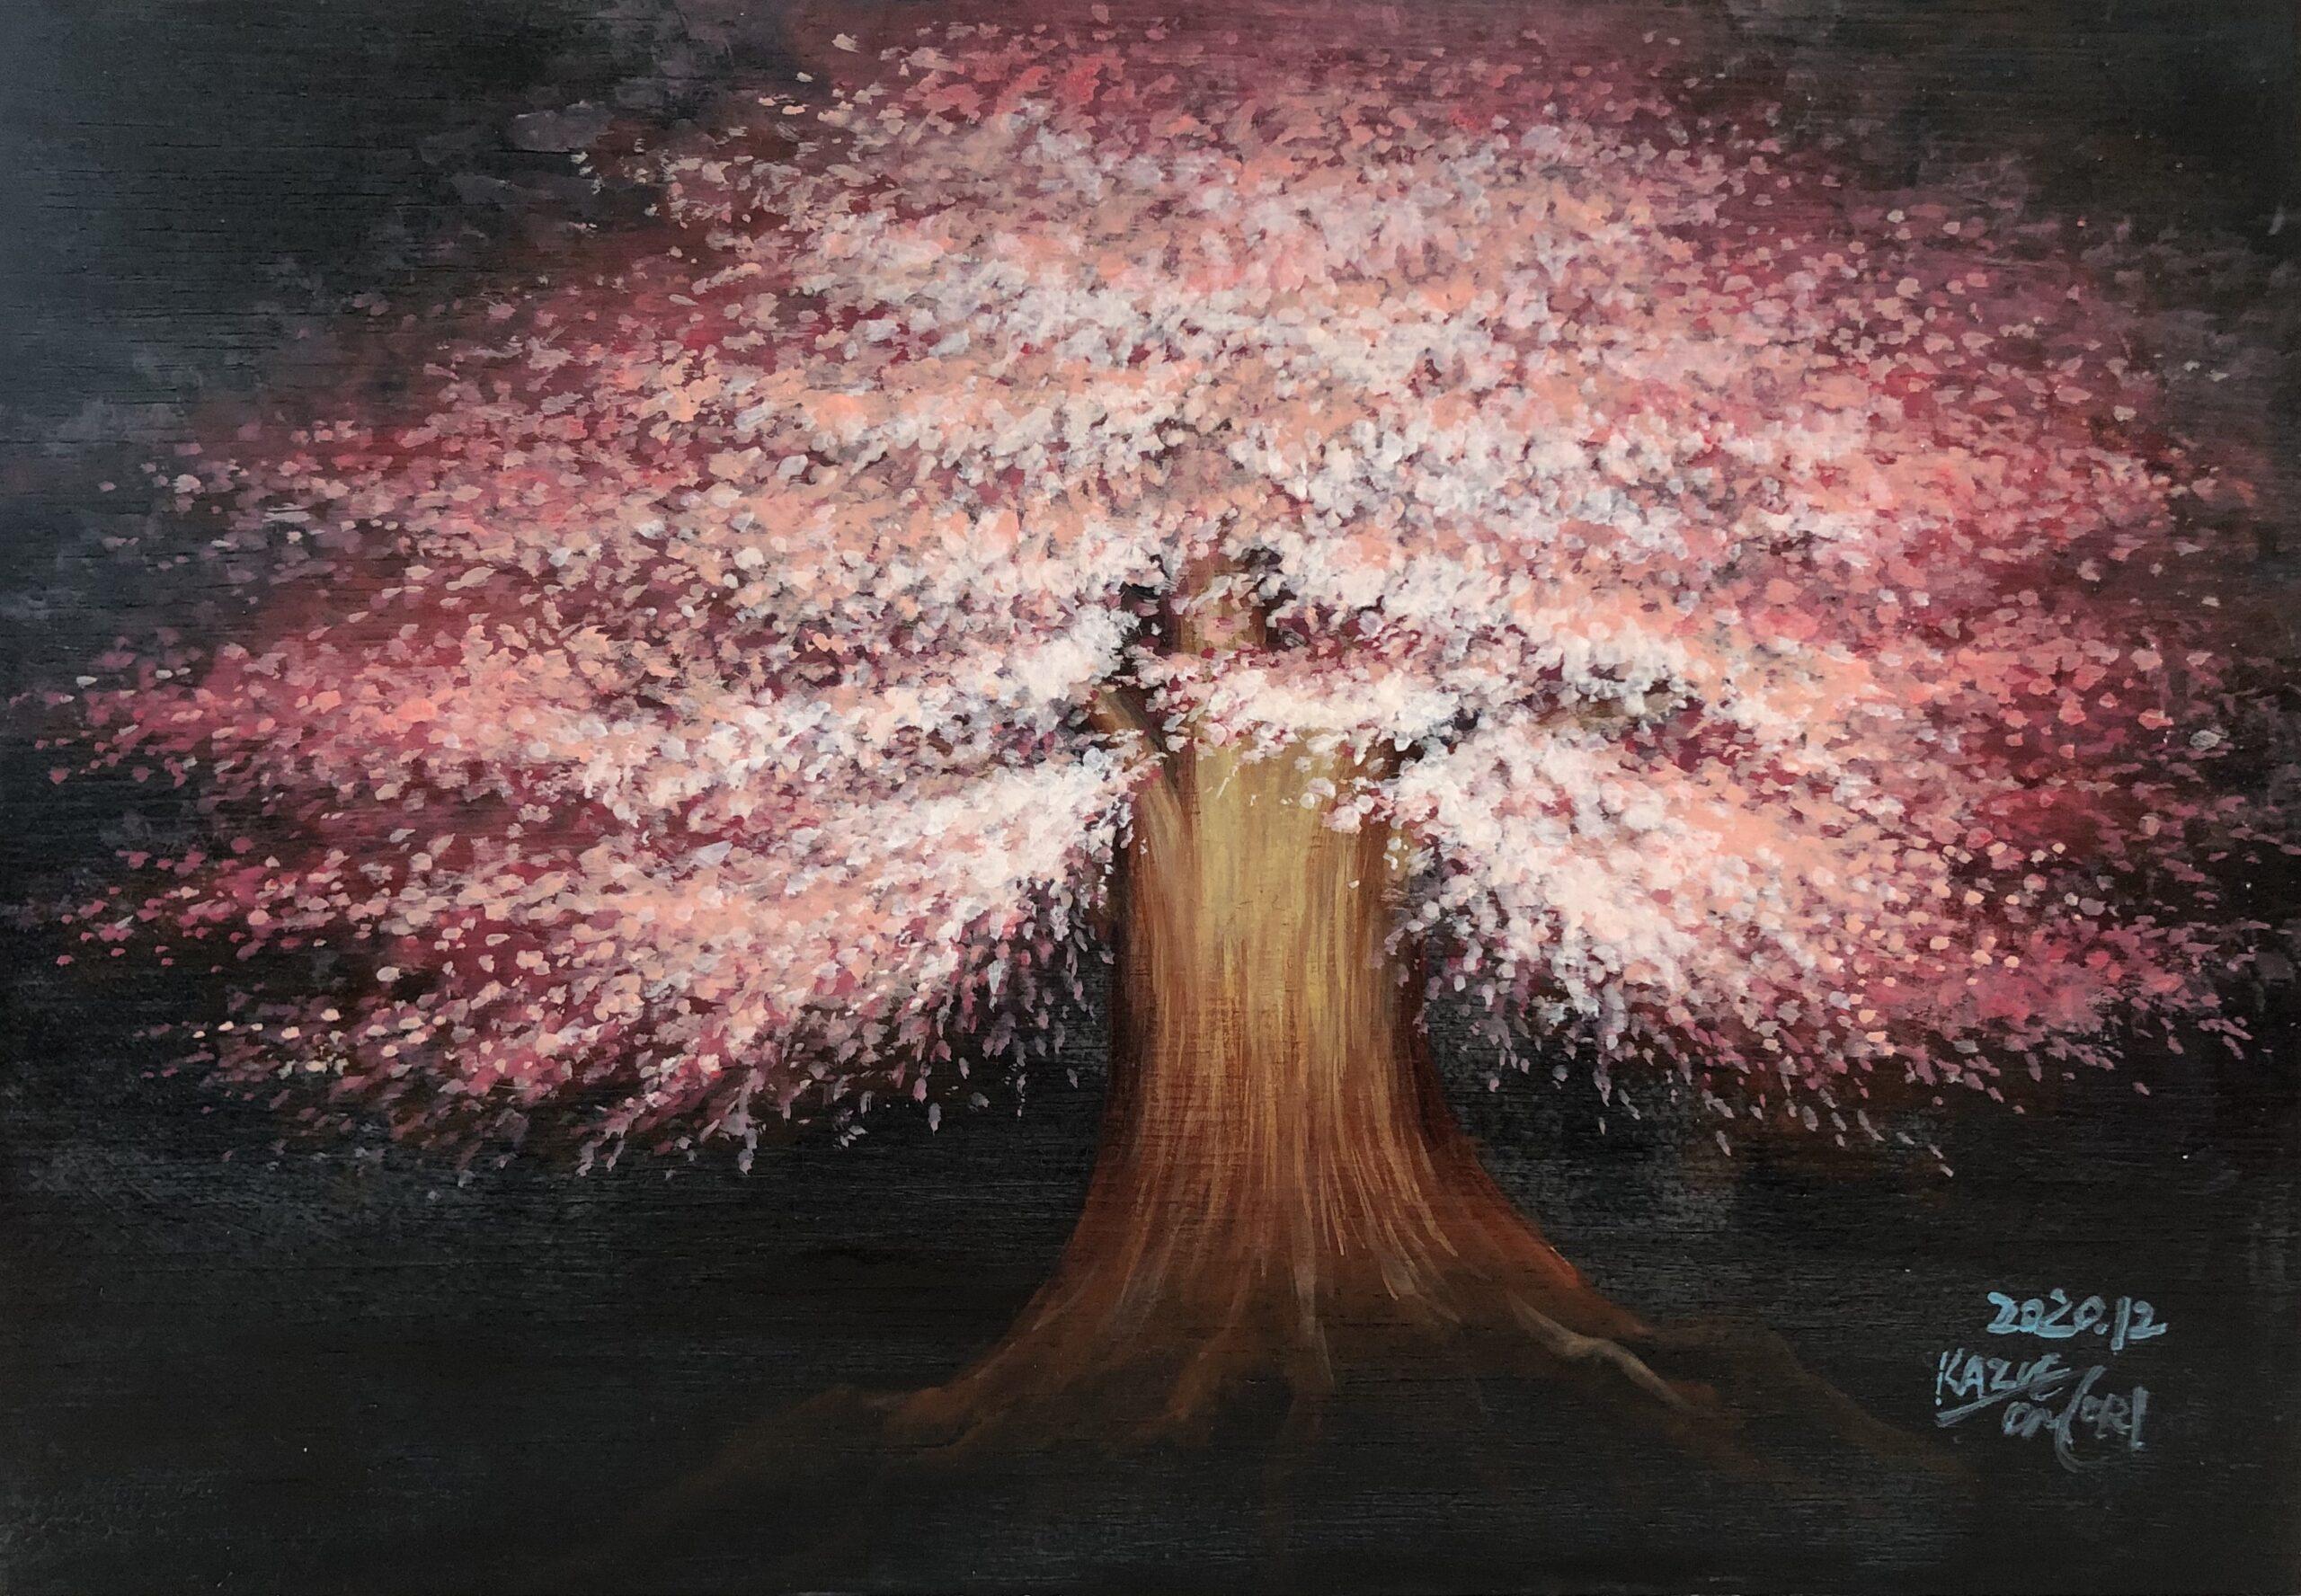 Sakura 桜 夜桜 植物画 アクリル画